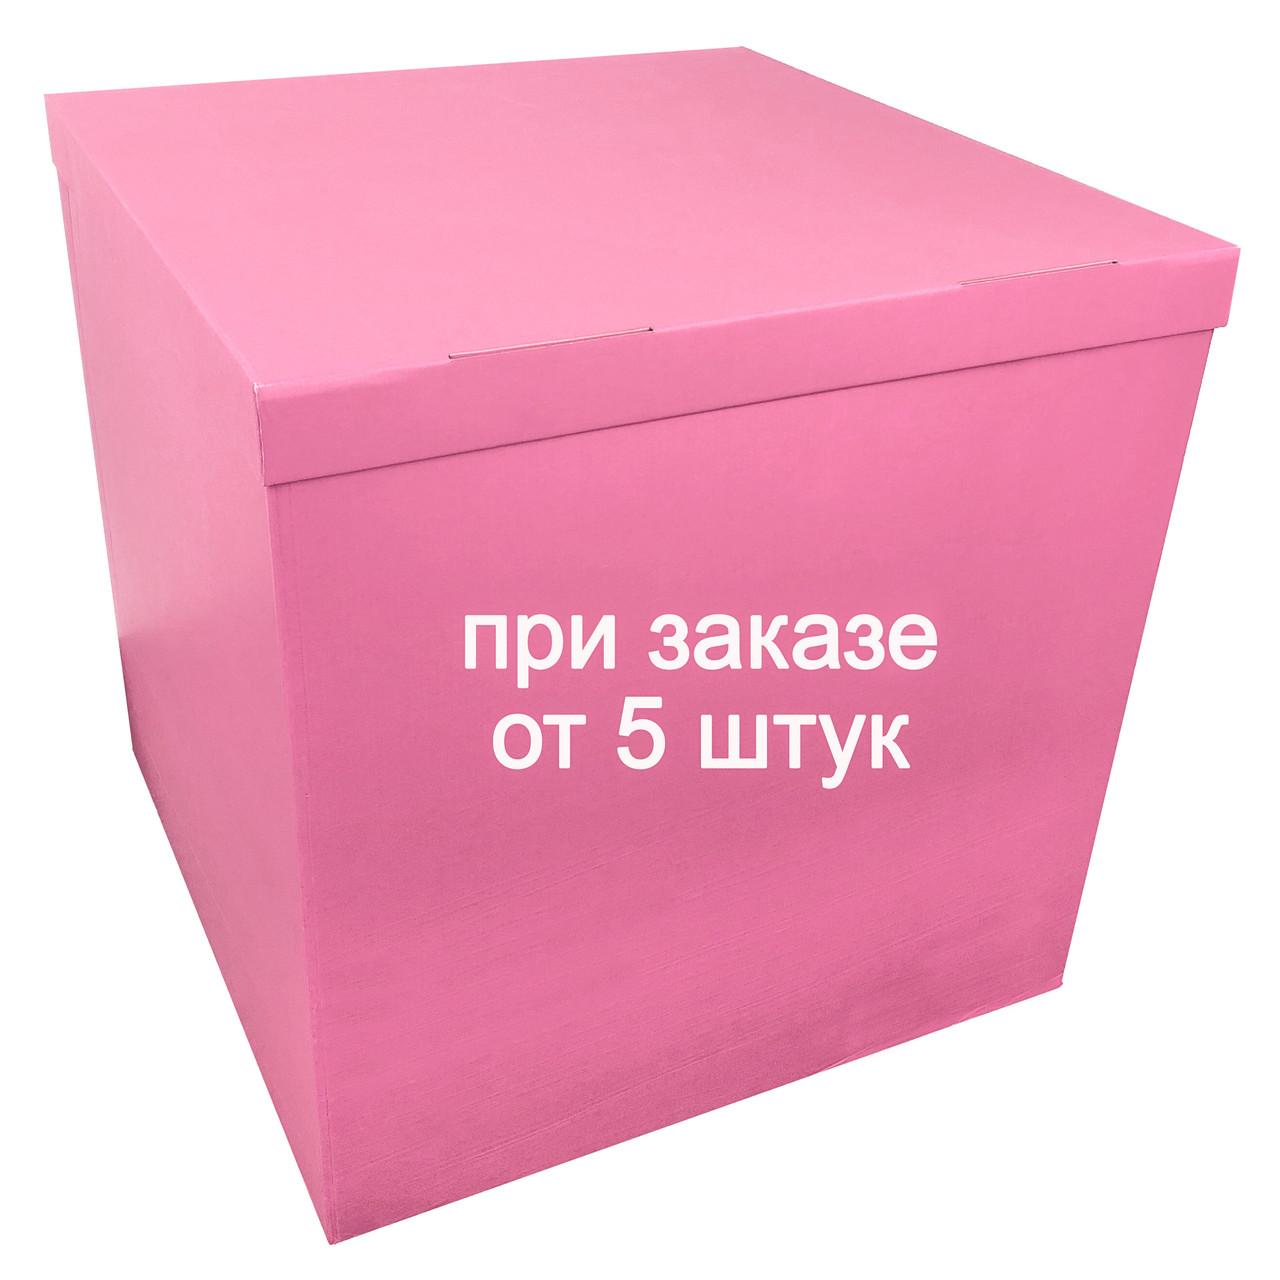 Коробка для шаров 70*70*70см двухсторонняя ярко-розовая